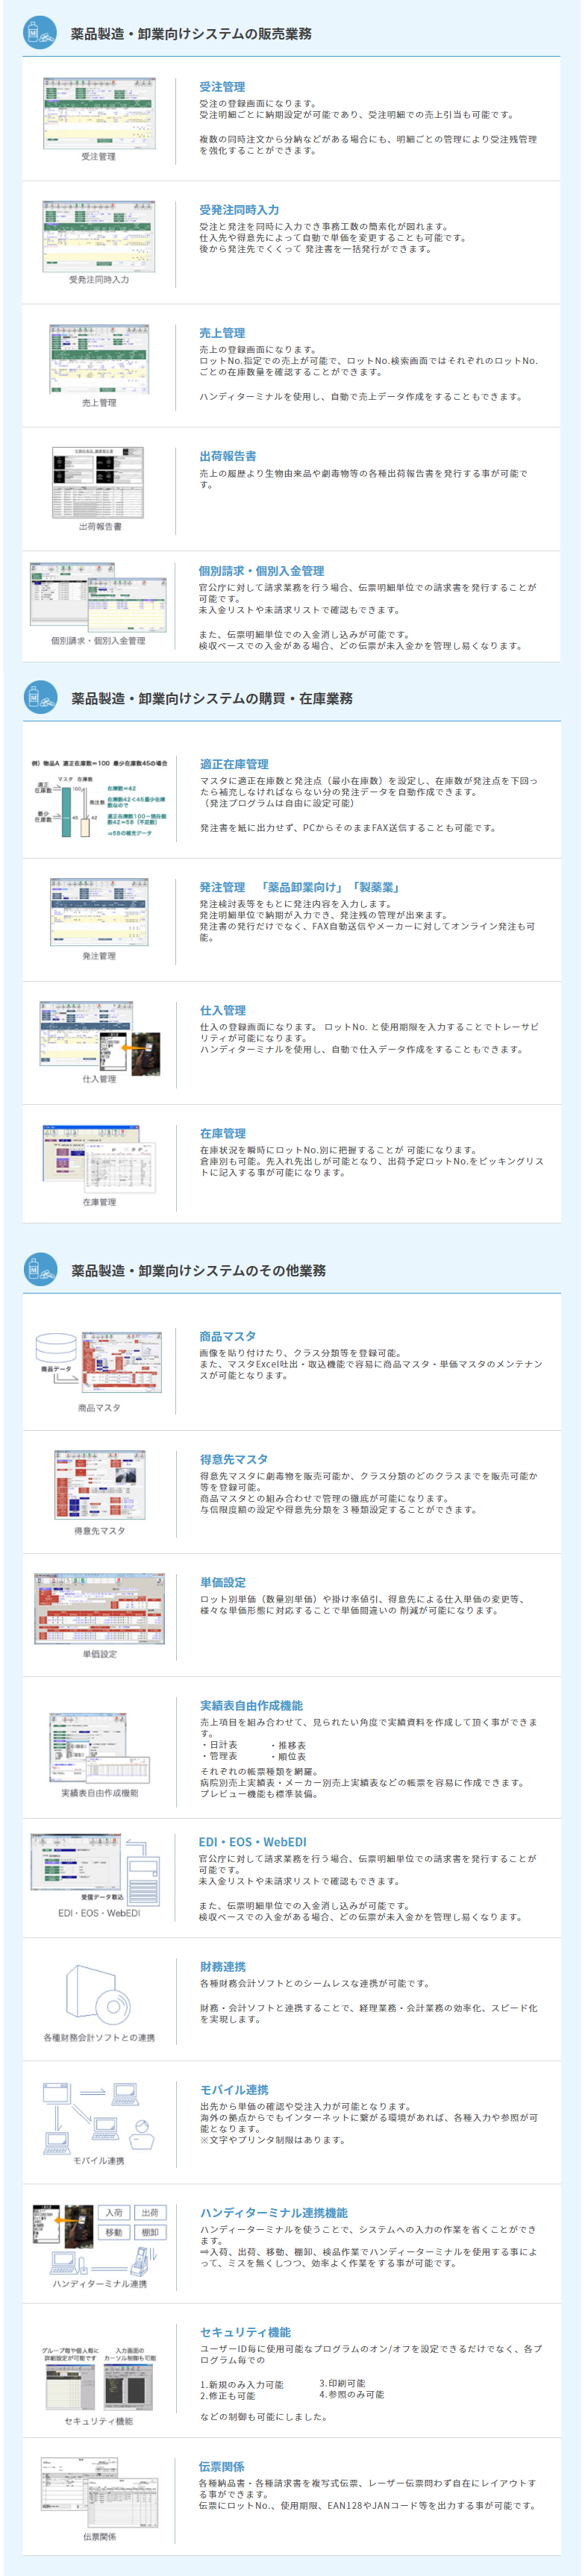 アラジンオフィス(医療業界向け)製品詳細3